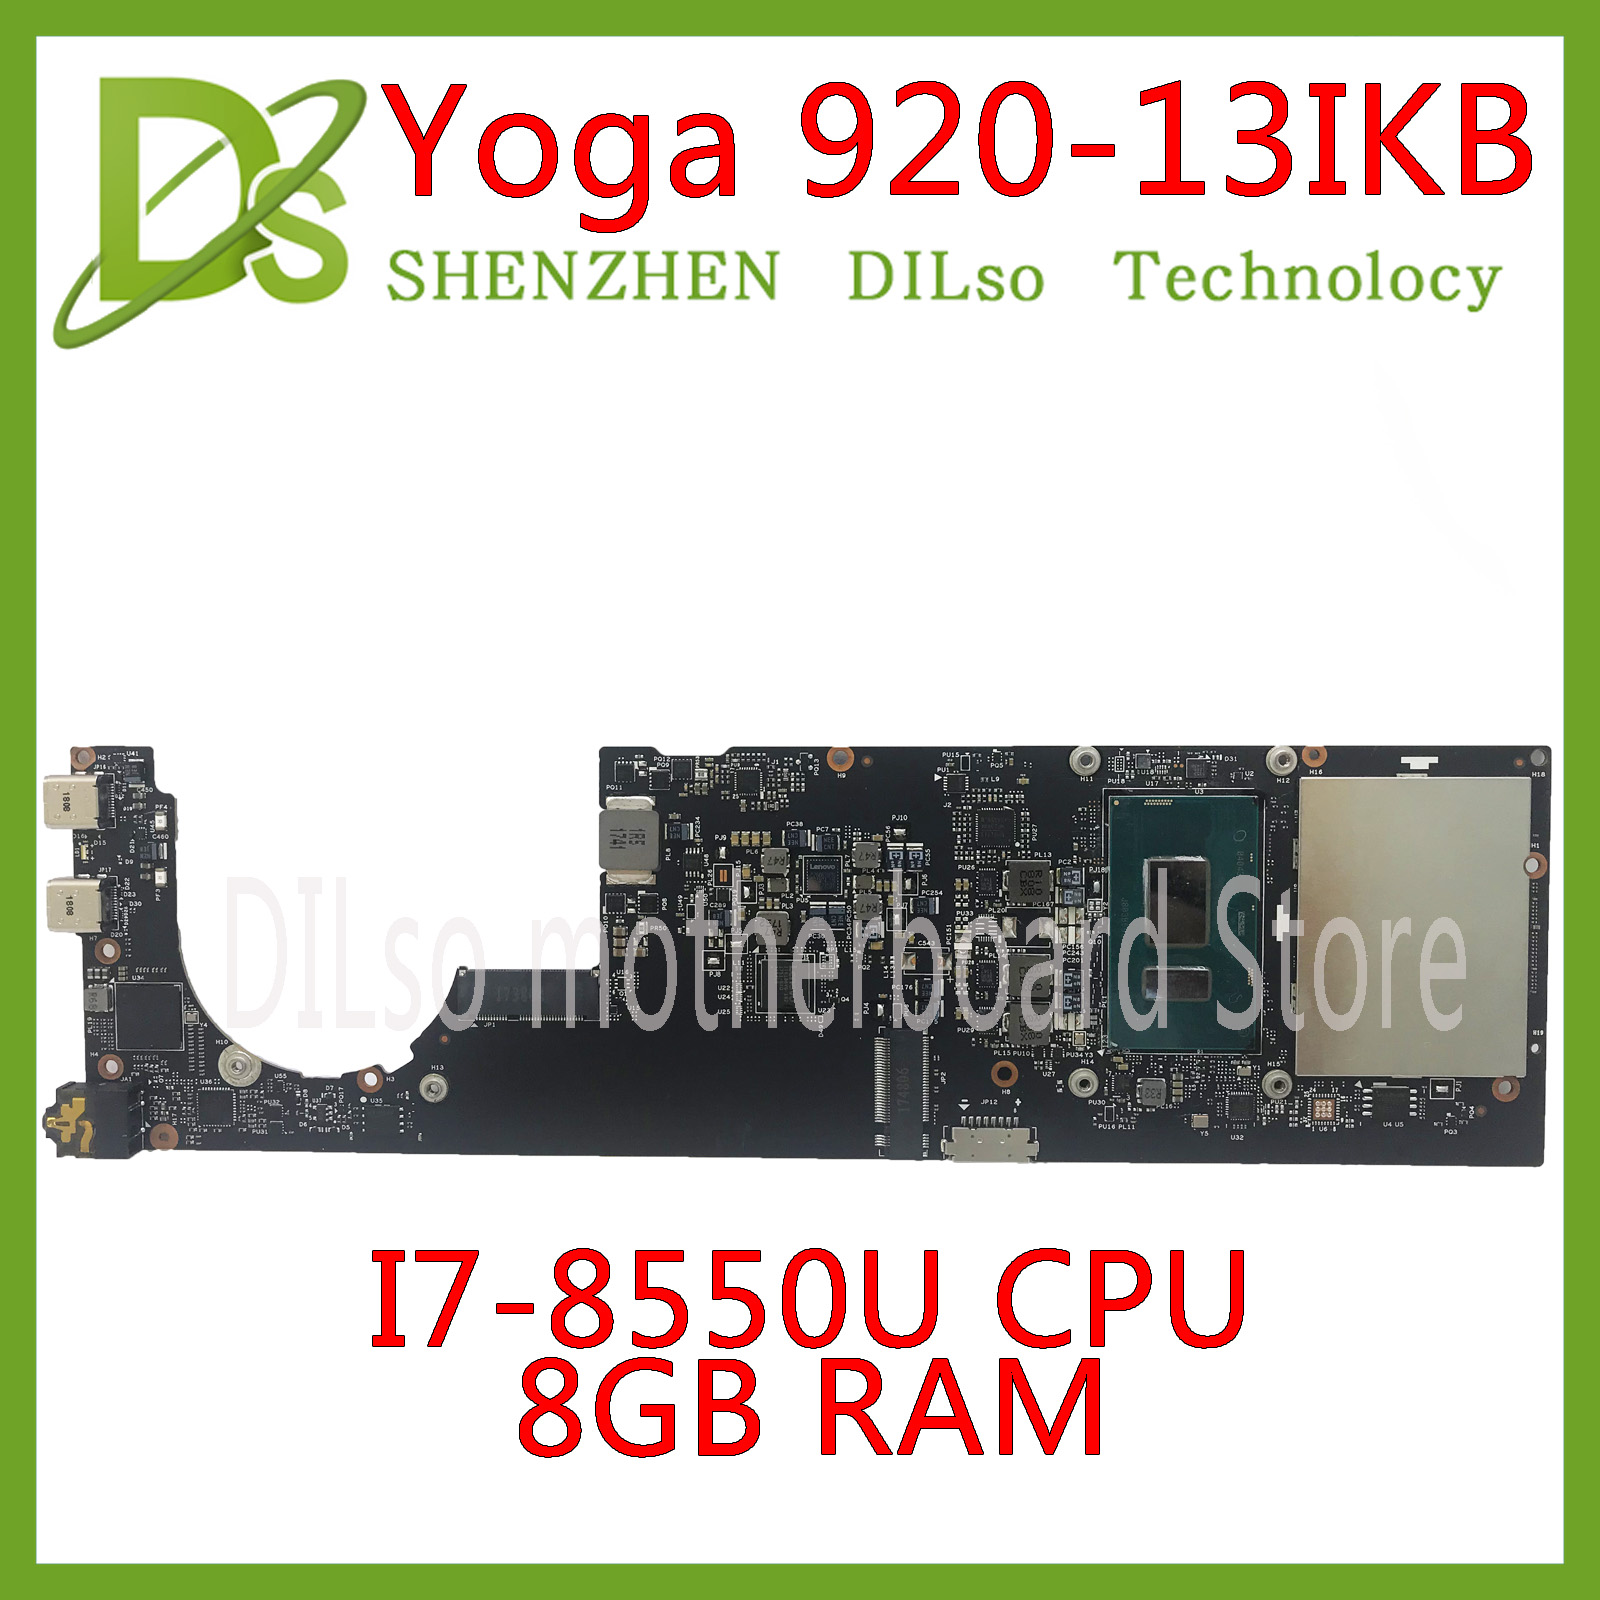 KEFU DYG60 NM-B291 For Lenovo Yoga920 Yoga 920-13IKB Laptop Motherboard 5B20Q09639 I7-8550U 8GB RAM 100% Tested Original Work